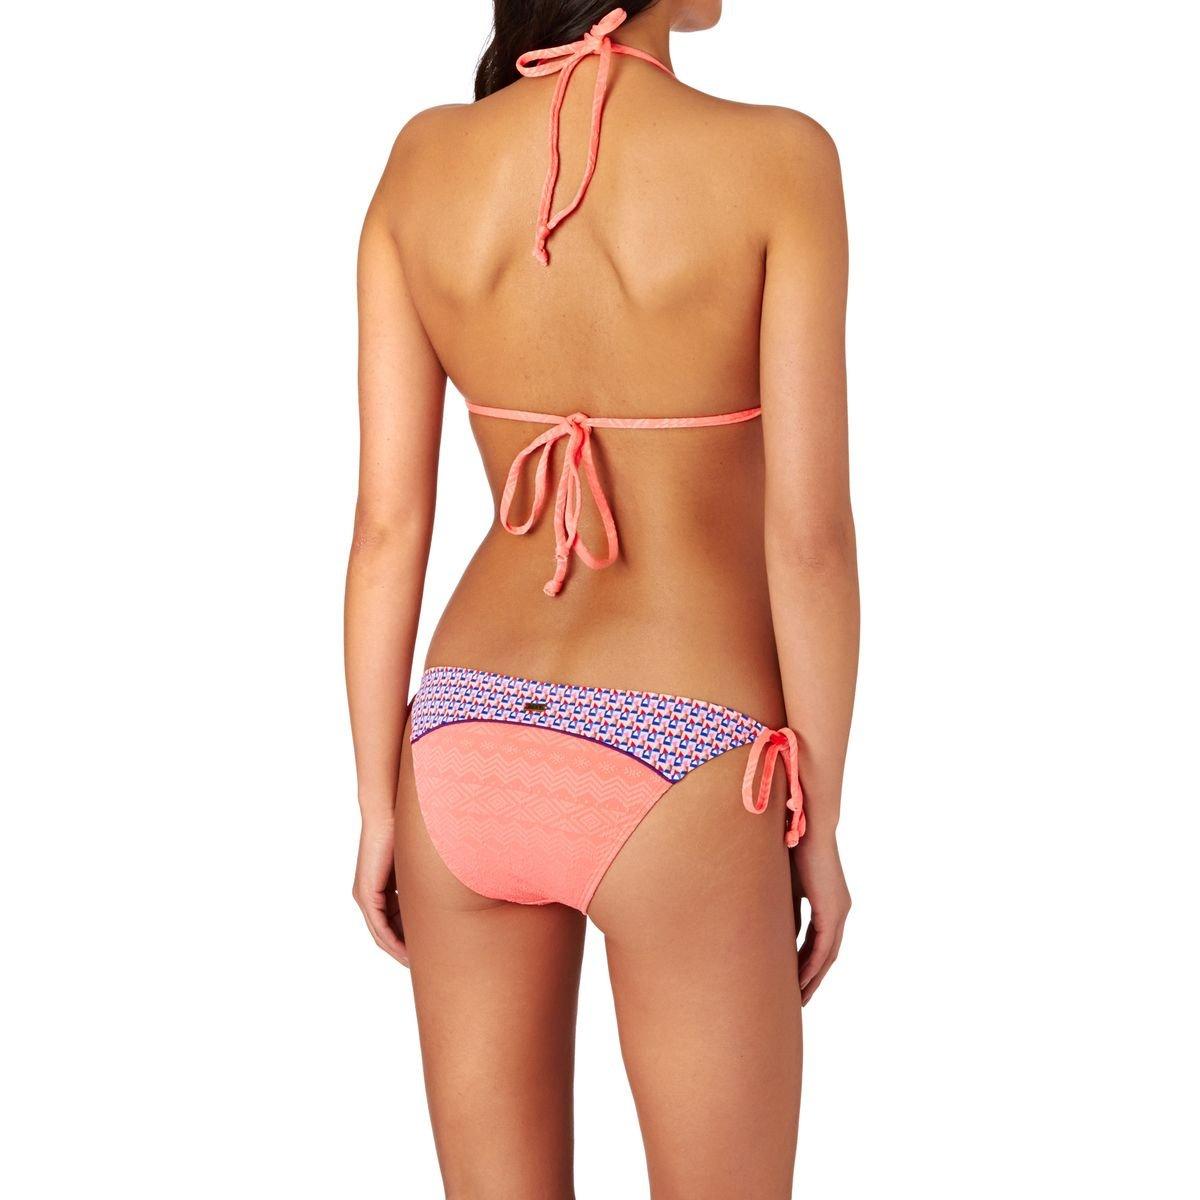 Roxy ERJX203055, Haut de Maillot de Bain Femme, Orange, FR: 40 (Taille Fabricant: L)